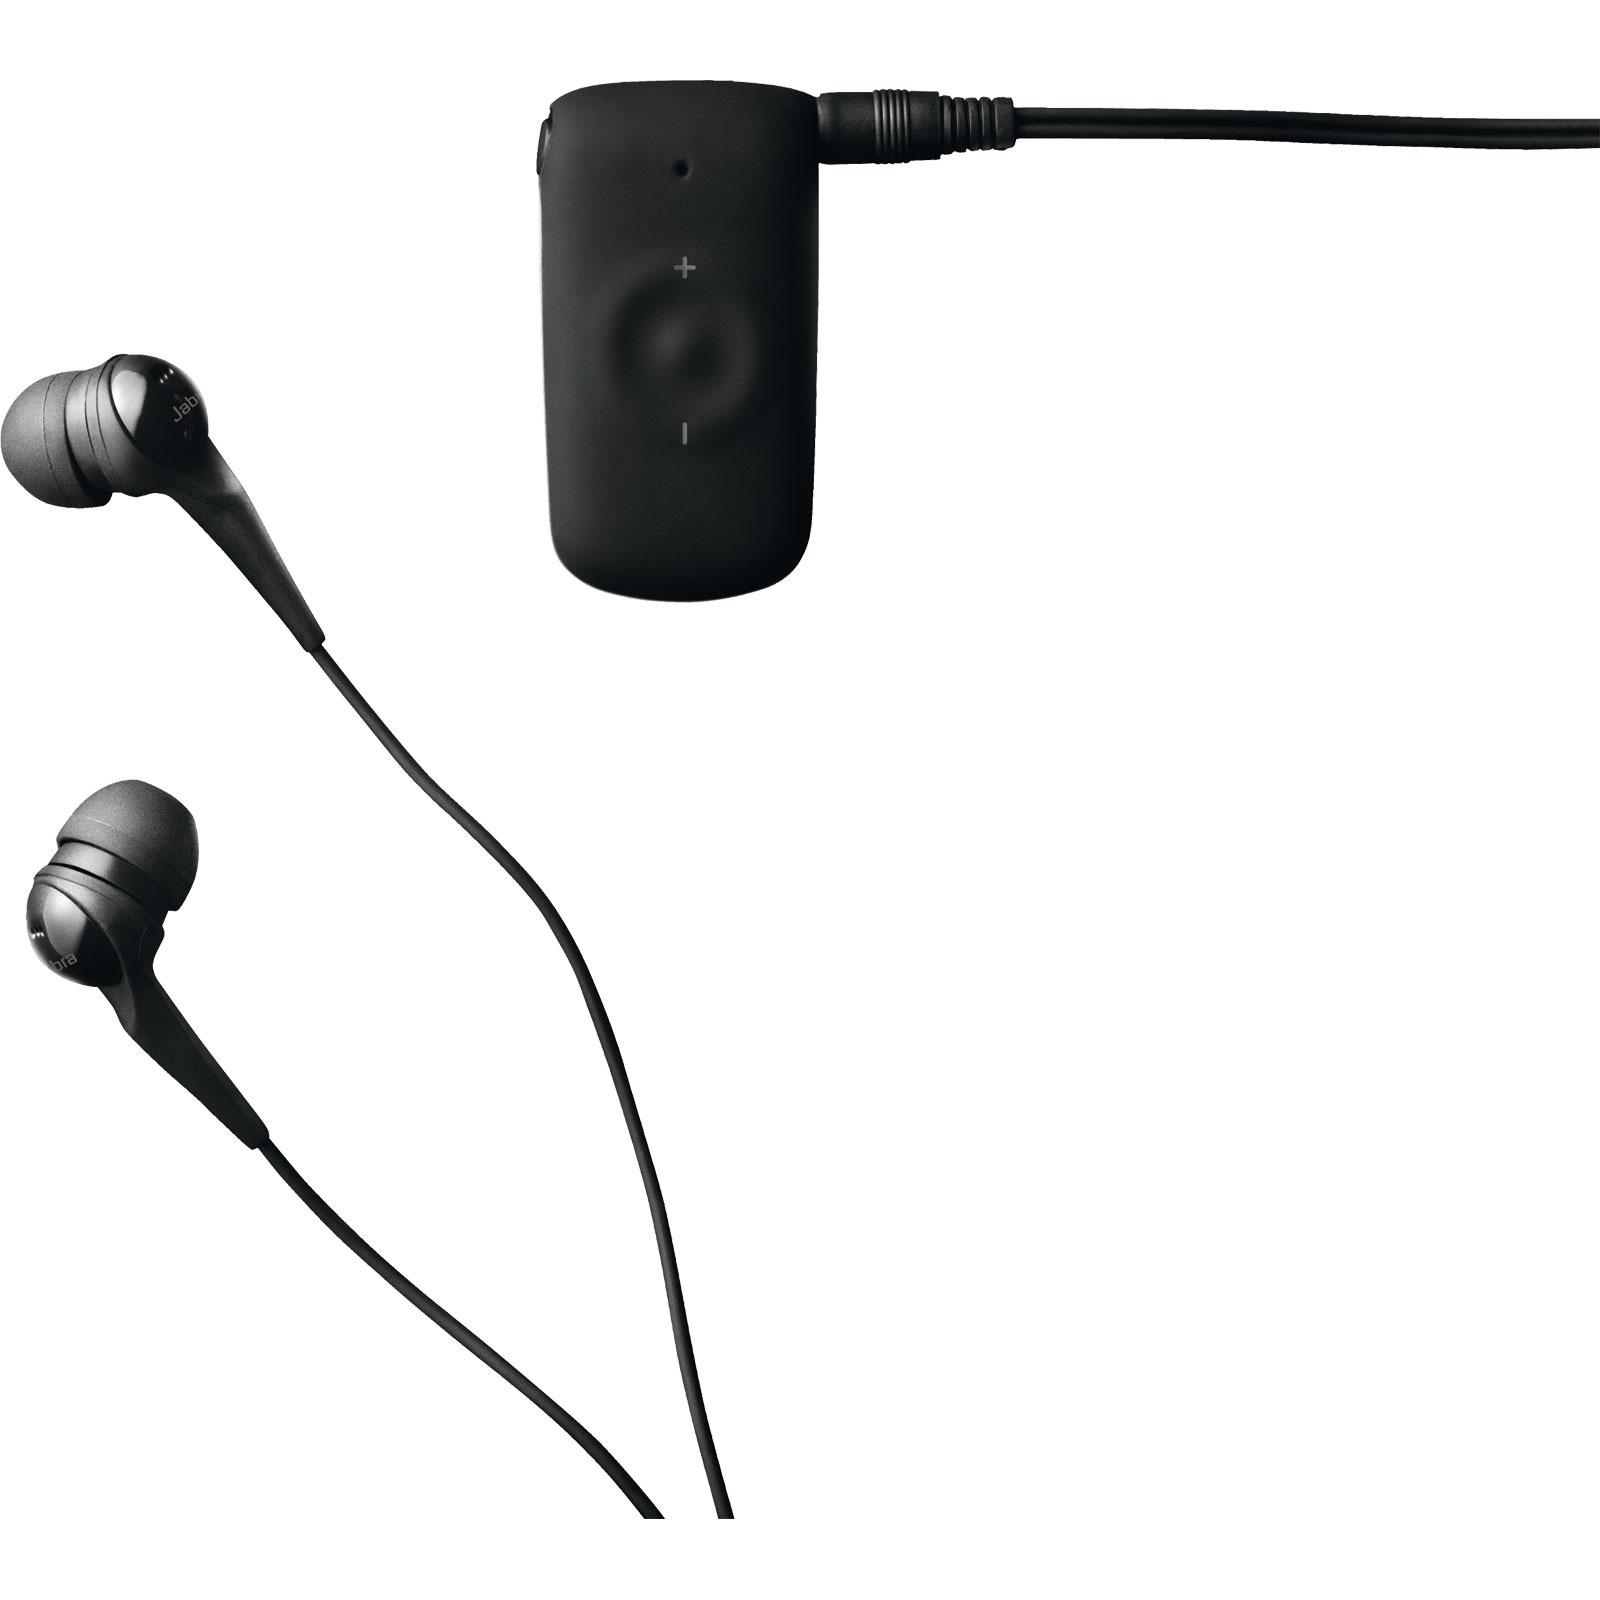 Jabra Oreillette Bluetooth Motion Noir: Casque Jabra Sur LDLC.com